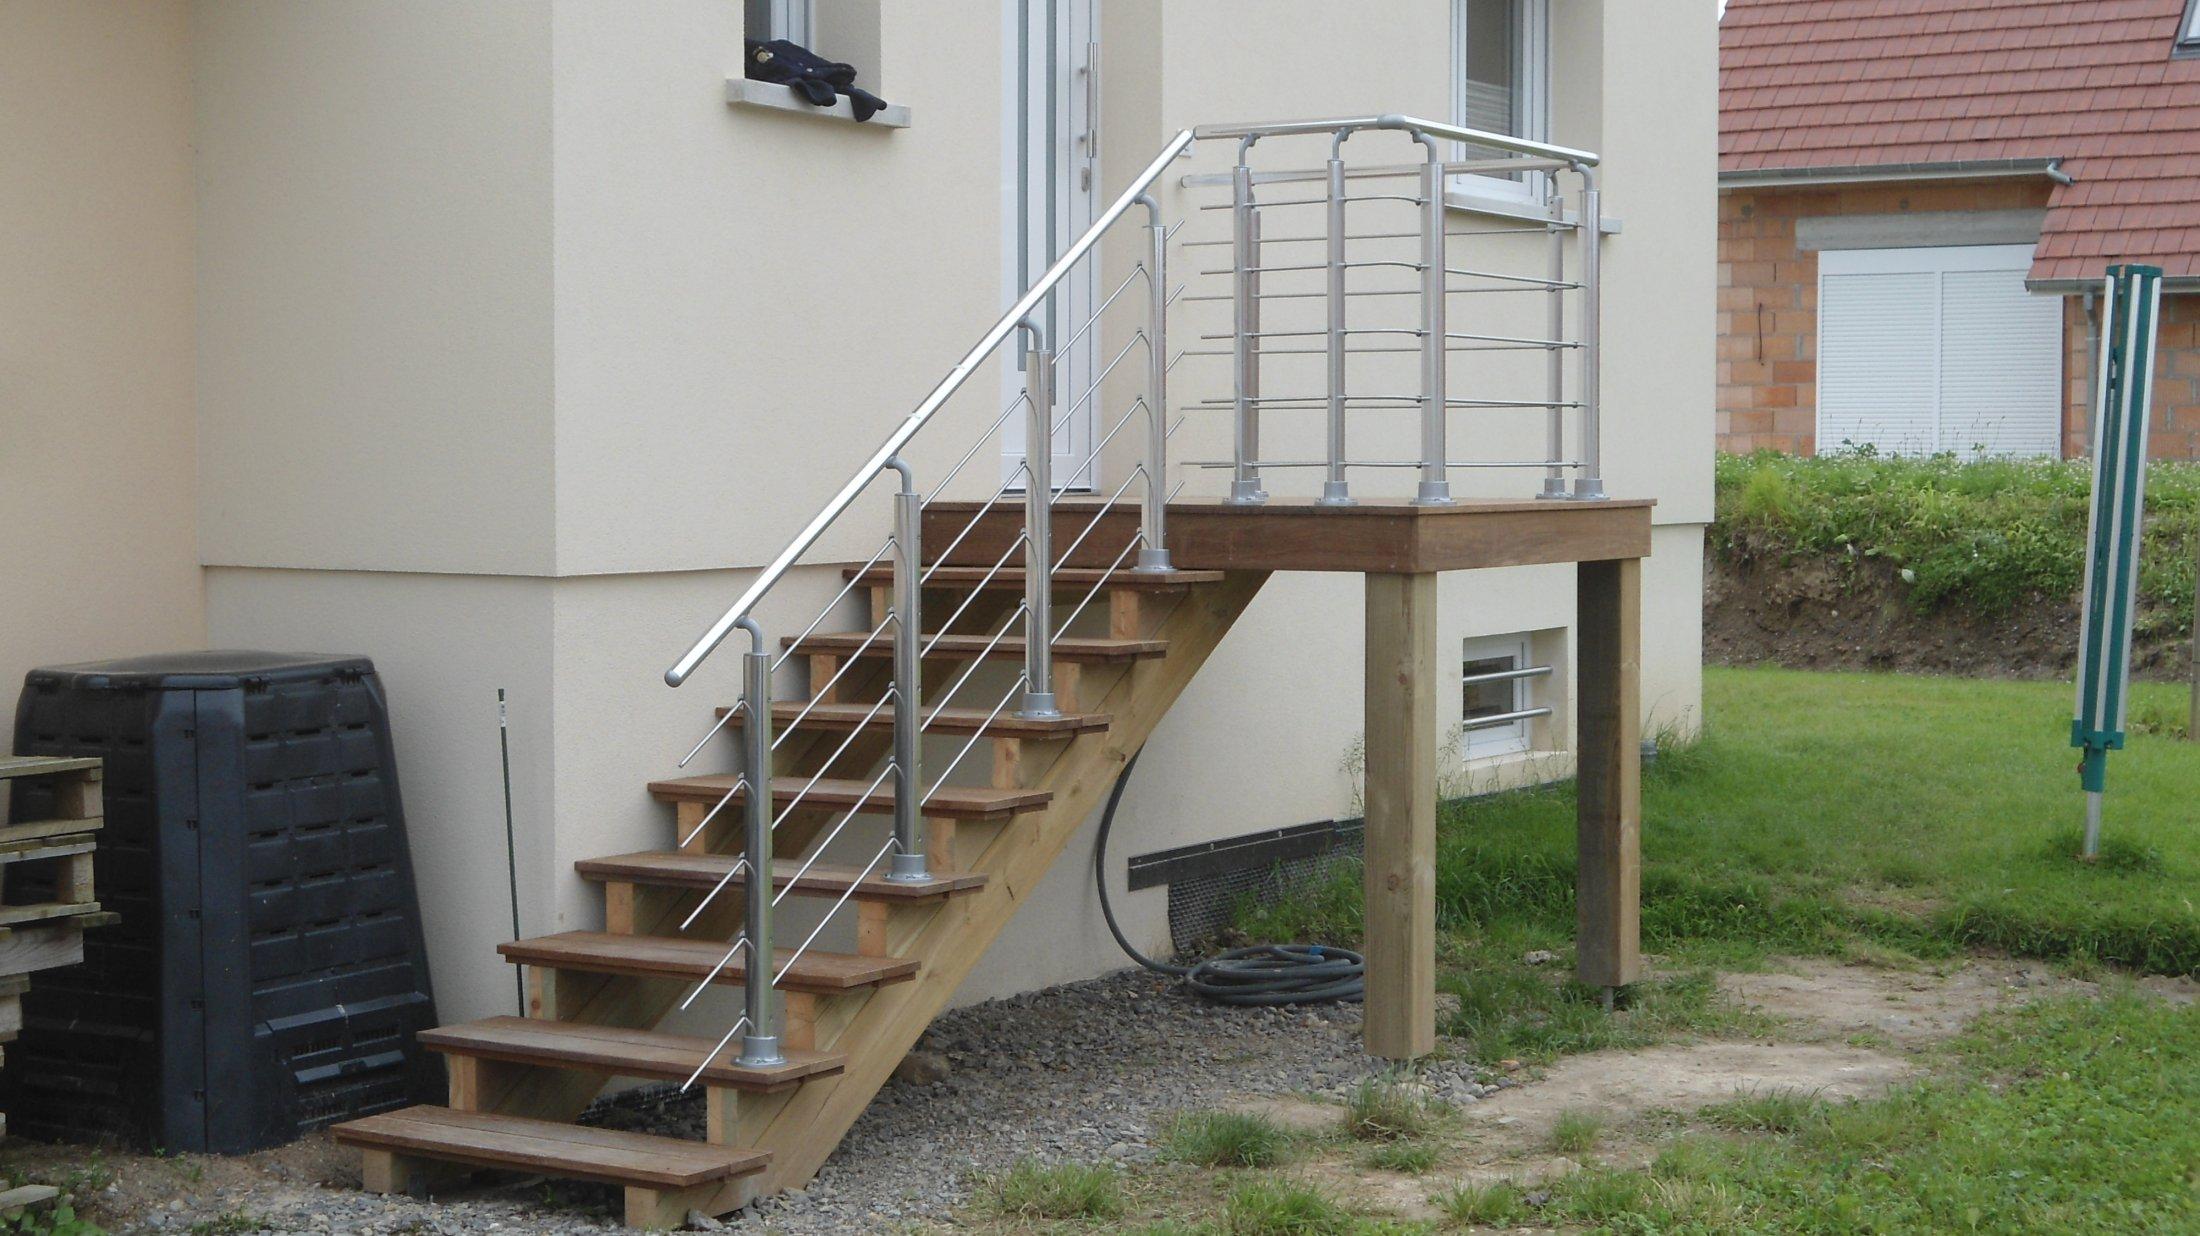 arkobois d couvrez nos escaliers mur brise vue en bois. Black Bedroom Furniture Sets. Home Design Ideas